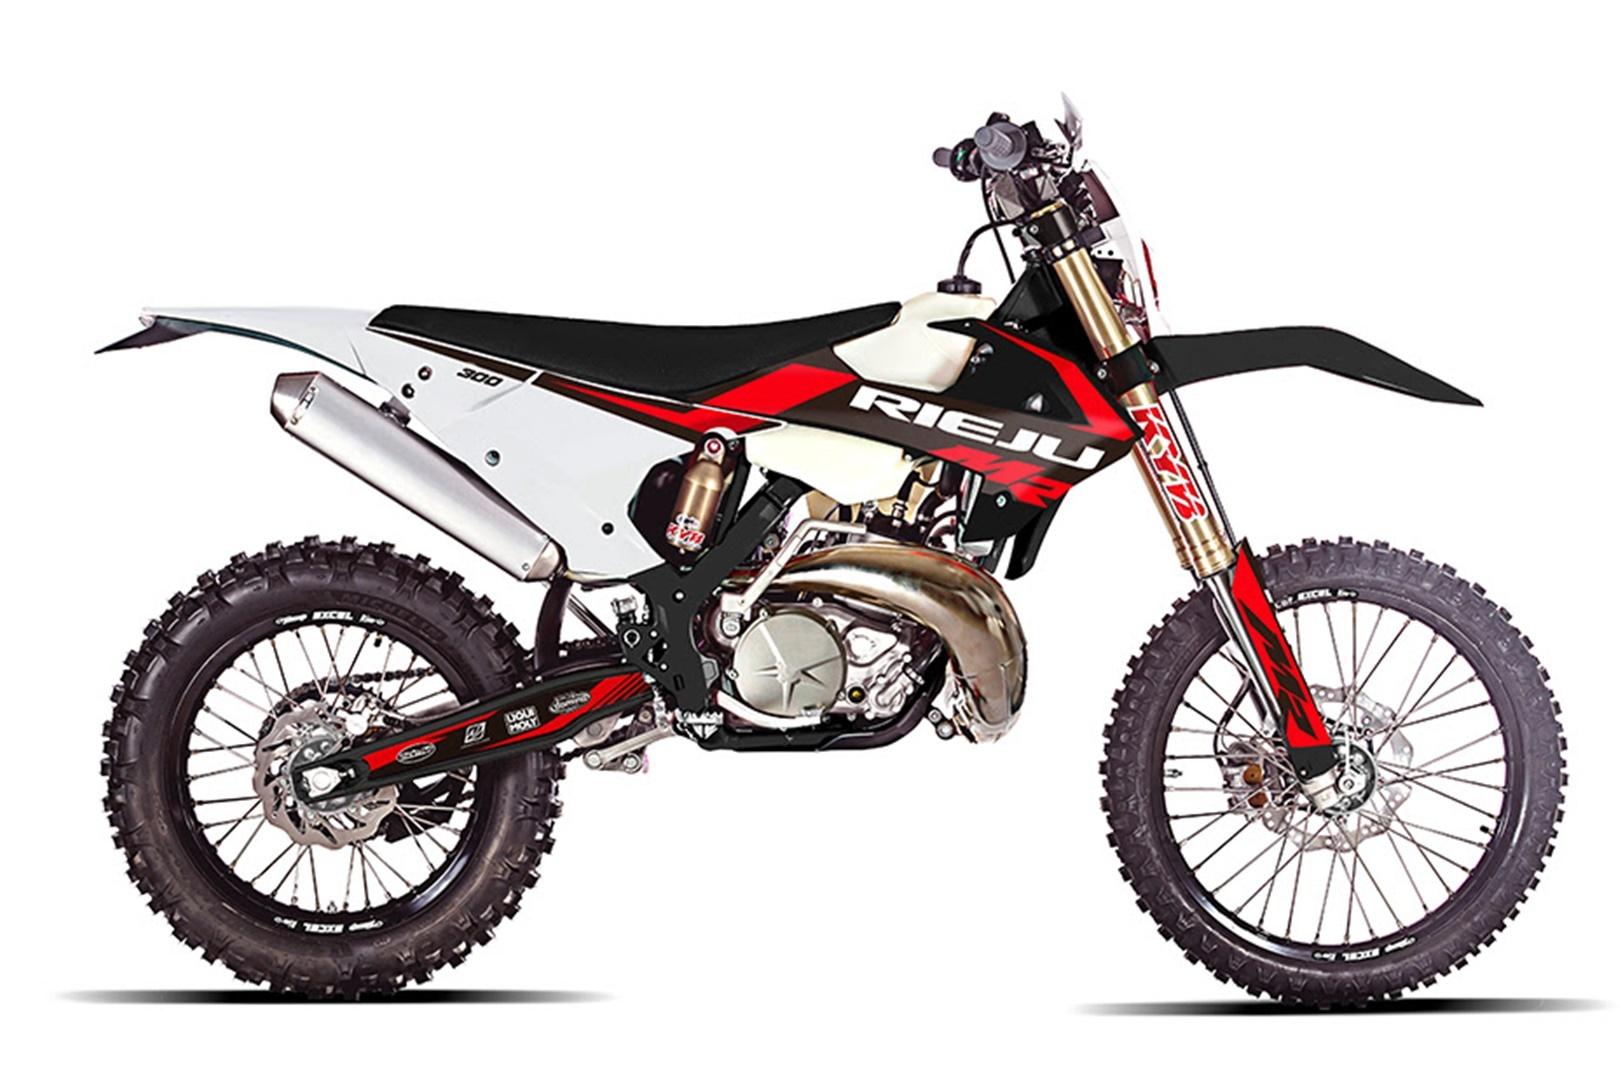 La nueva Rieju MR 300 Racing 2021 se pondrá a la venta el próximo mes